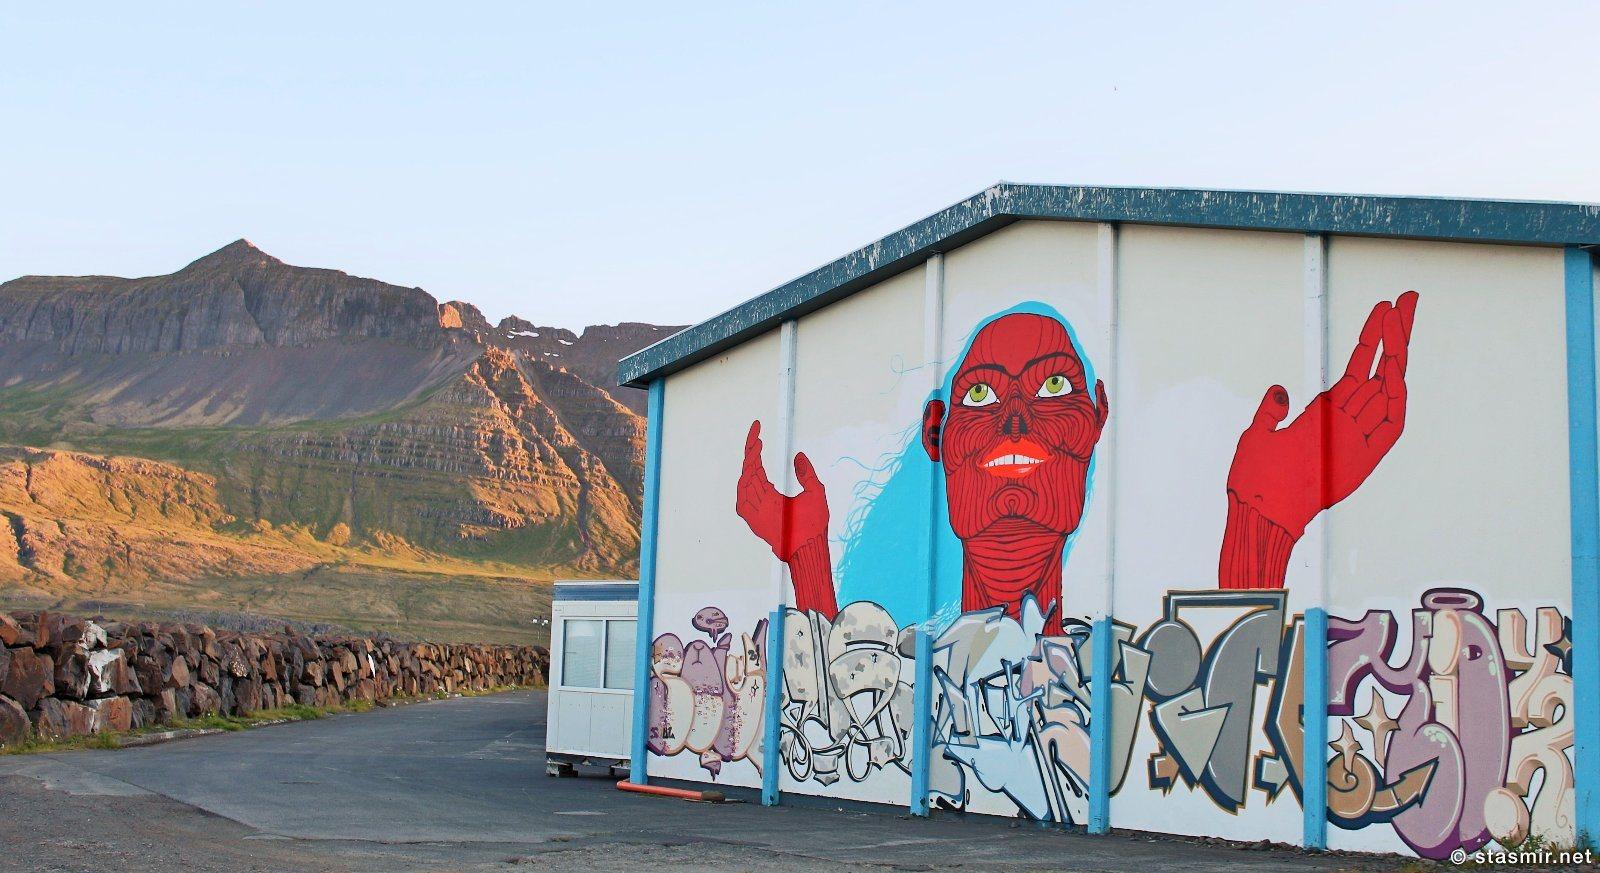 Настенная негритянки в восточных фьордах Исландии, Стёдварфьордюр, Восточная Исландия, Фьярдабиггд, фото Стасмир, photo Stasmir